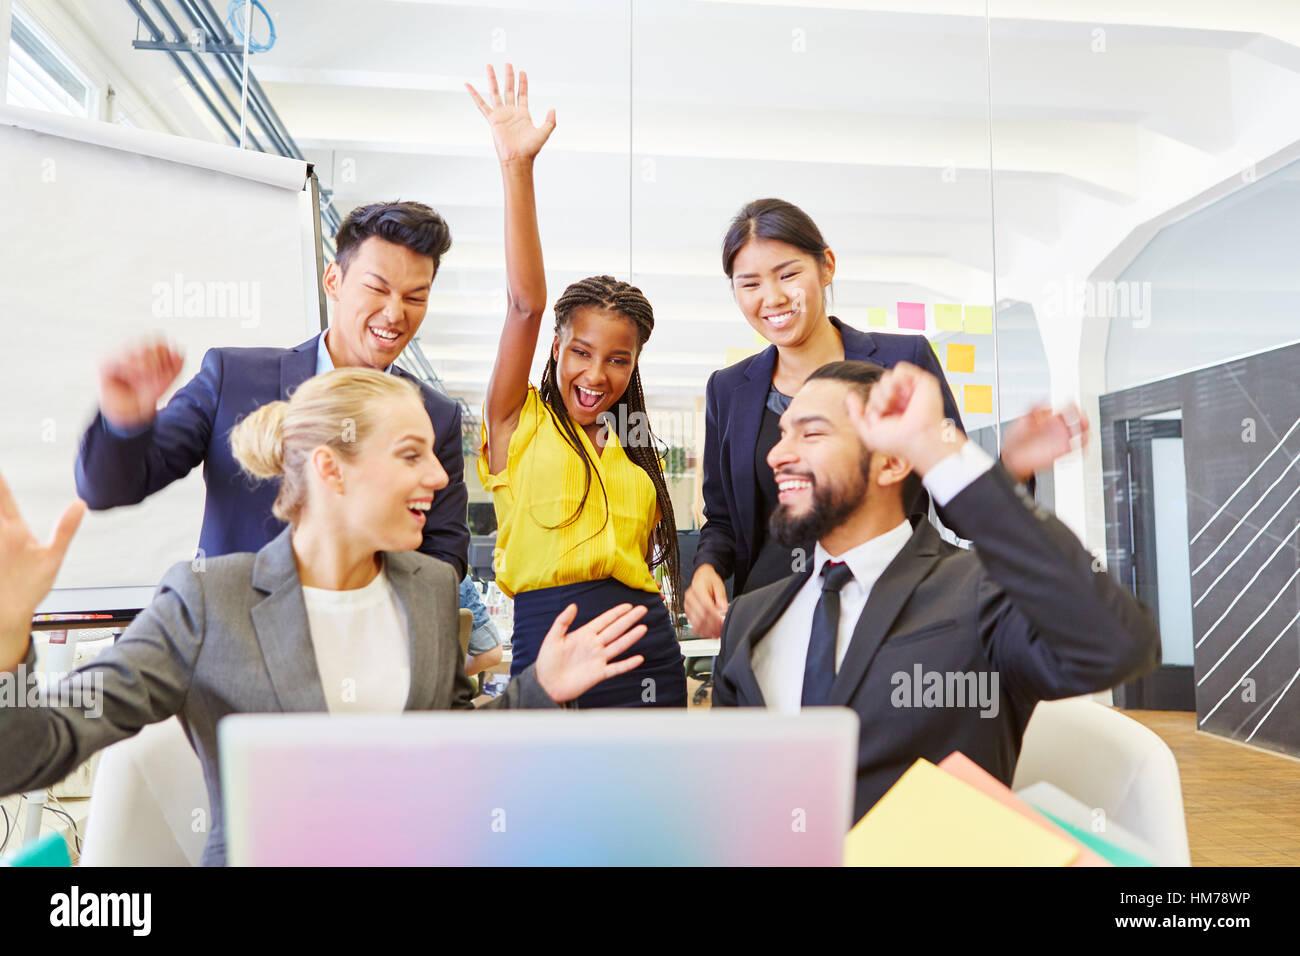 Gründer von Start-up feiert mit Begeisterung und Jubel im Büro Stockbild